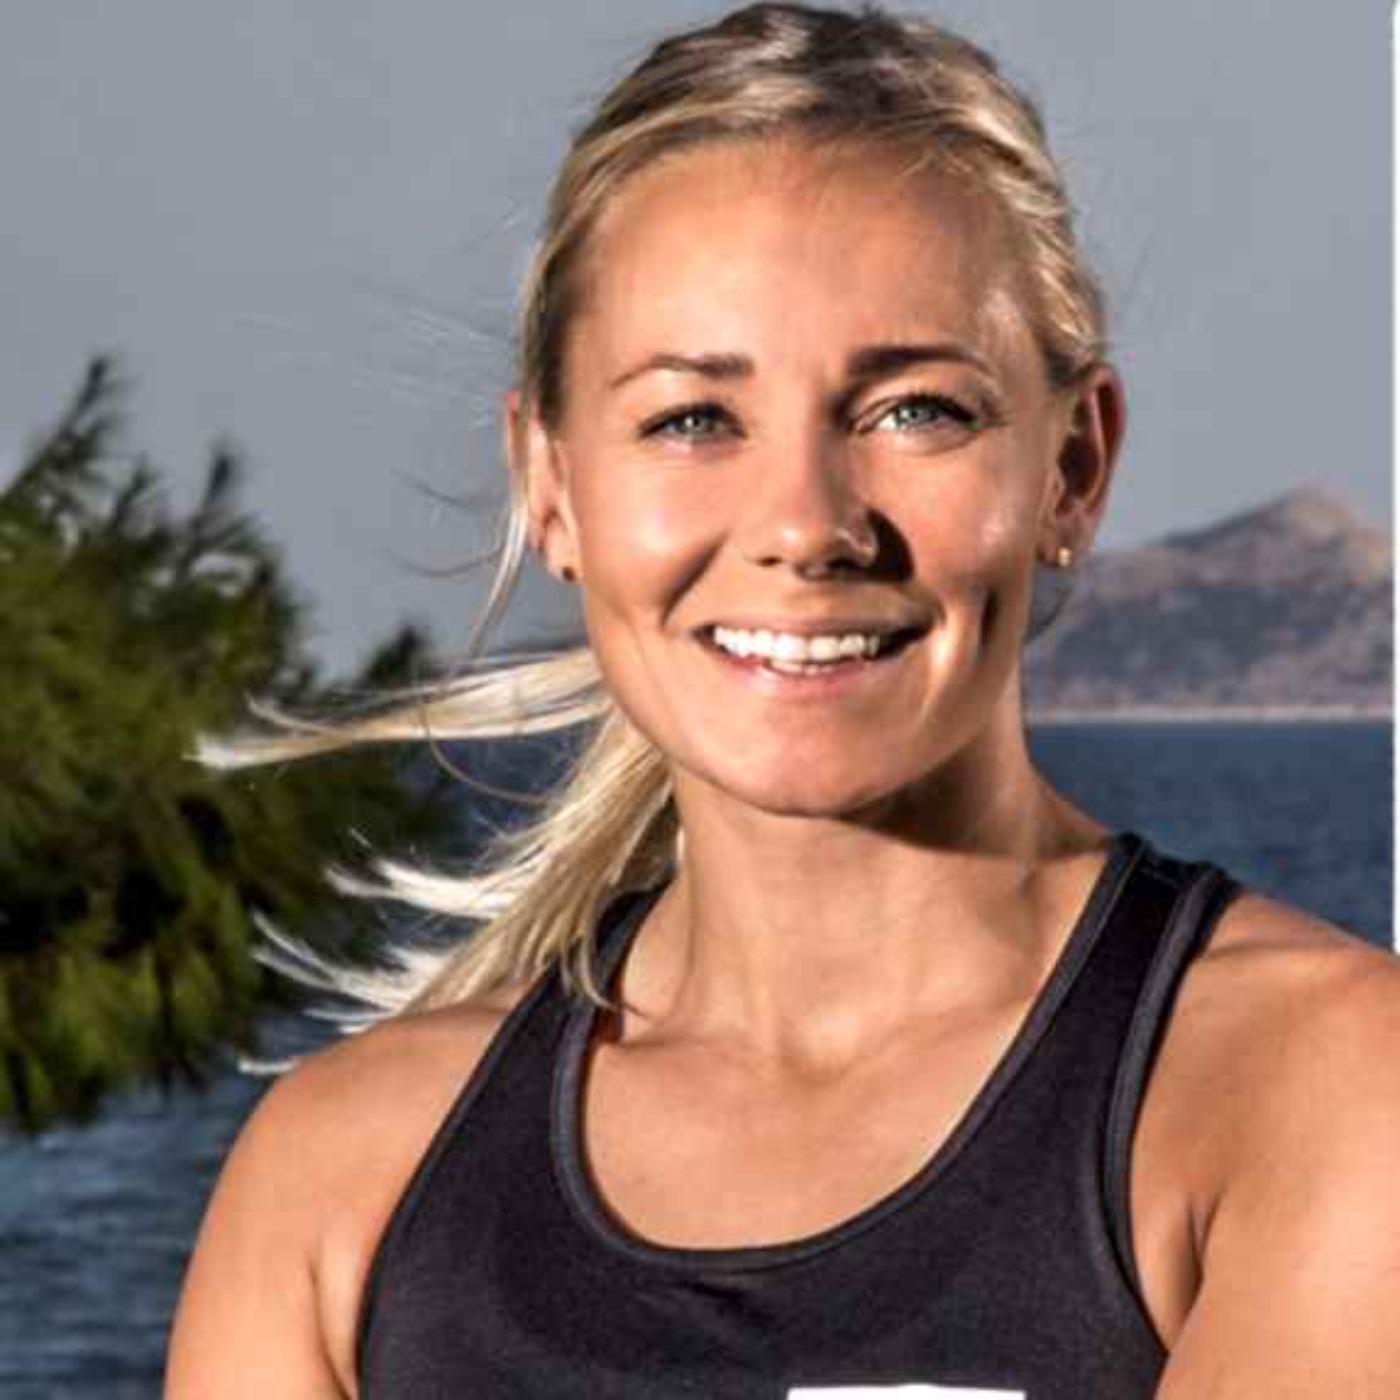 Frida Hansdotter - Alpina världsstjärnan om OS guldet och livet efter karriären